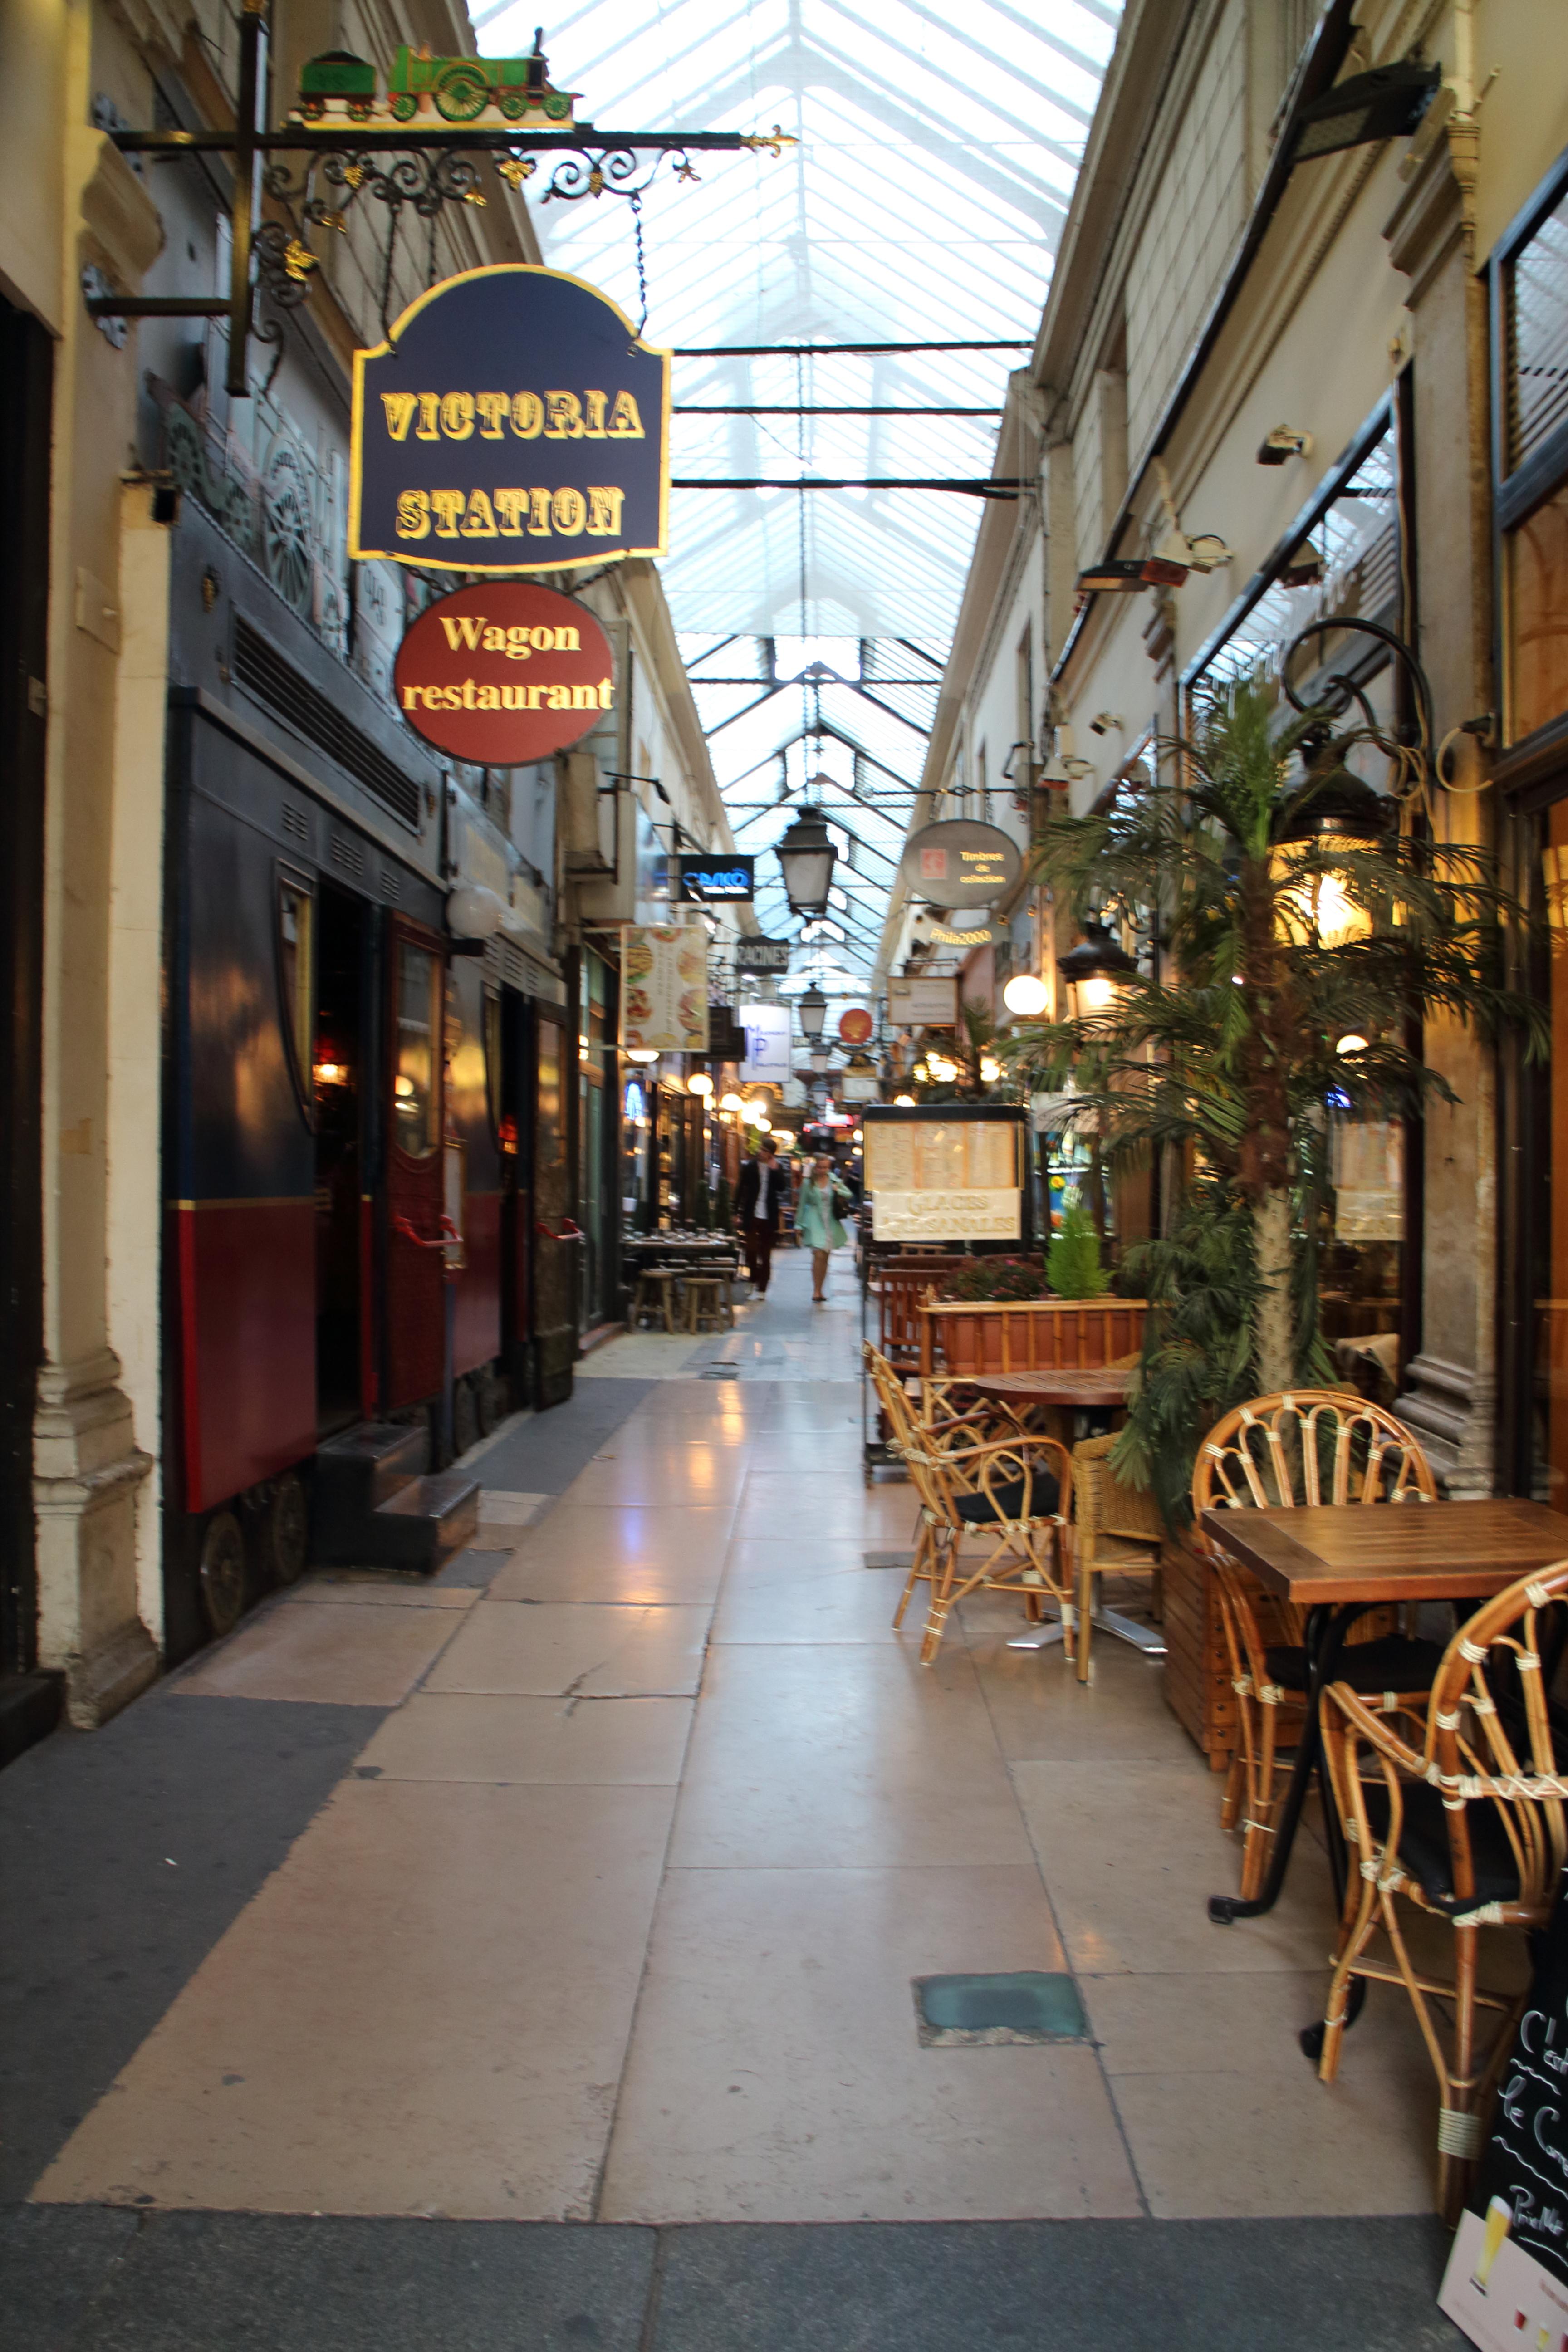 【パリ】また道に迷った挙句、パッサージュを発見